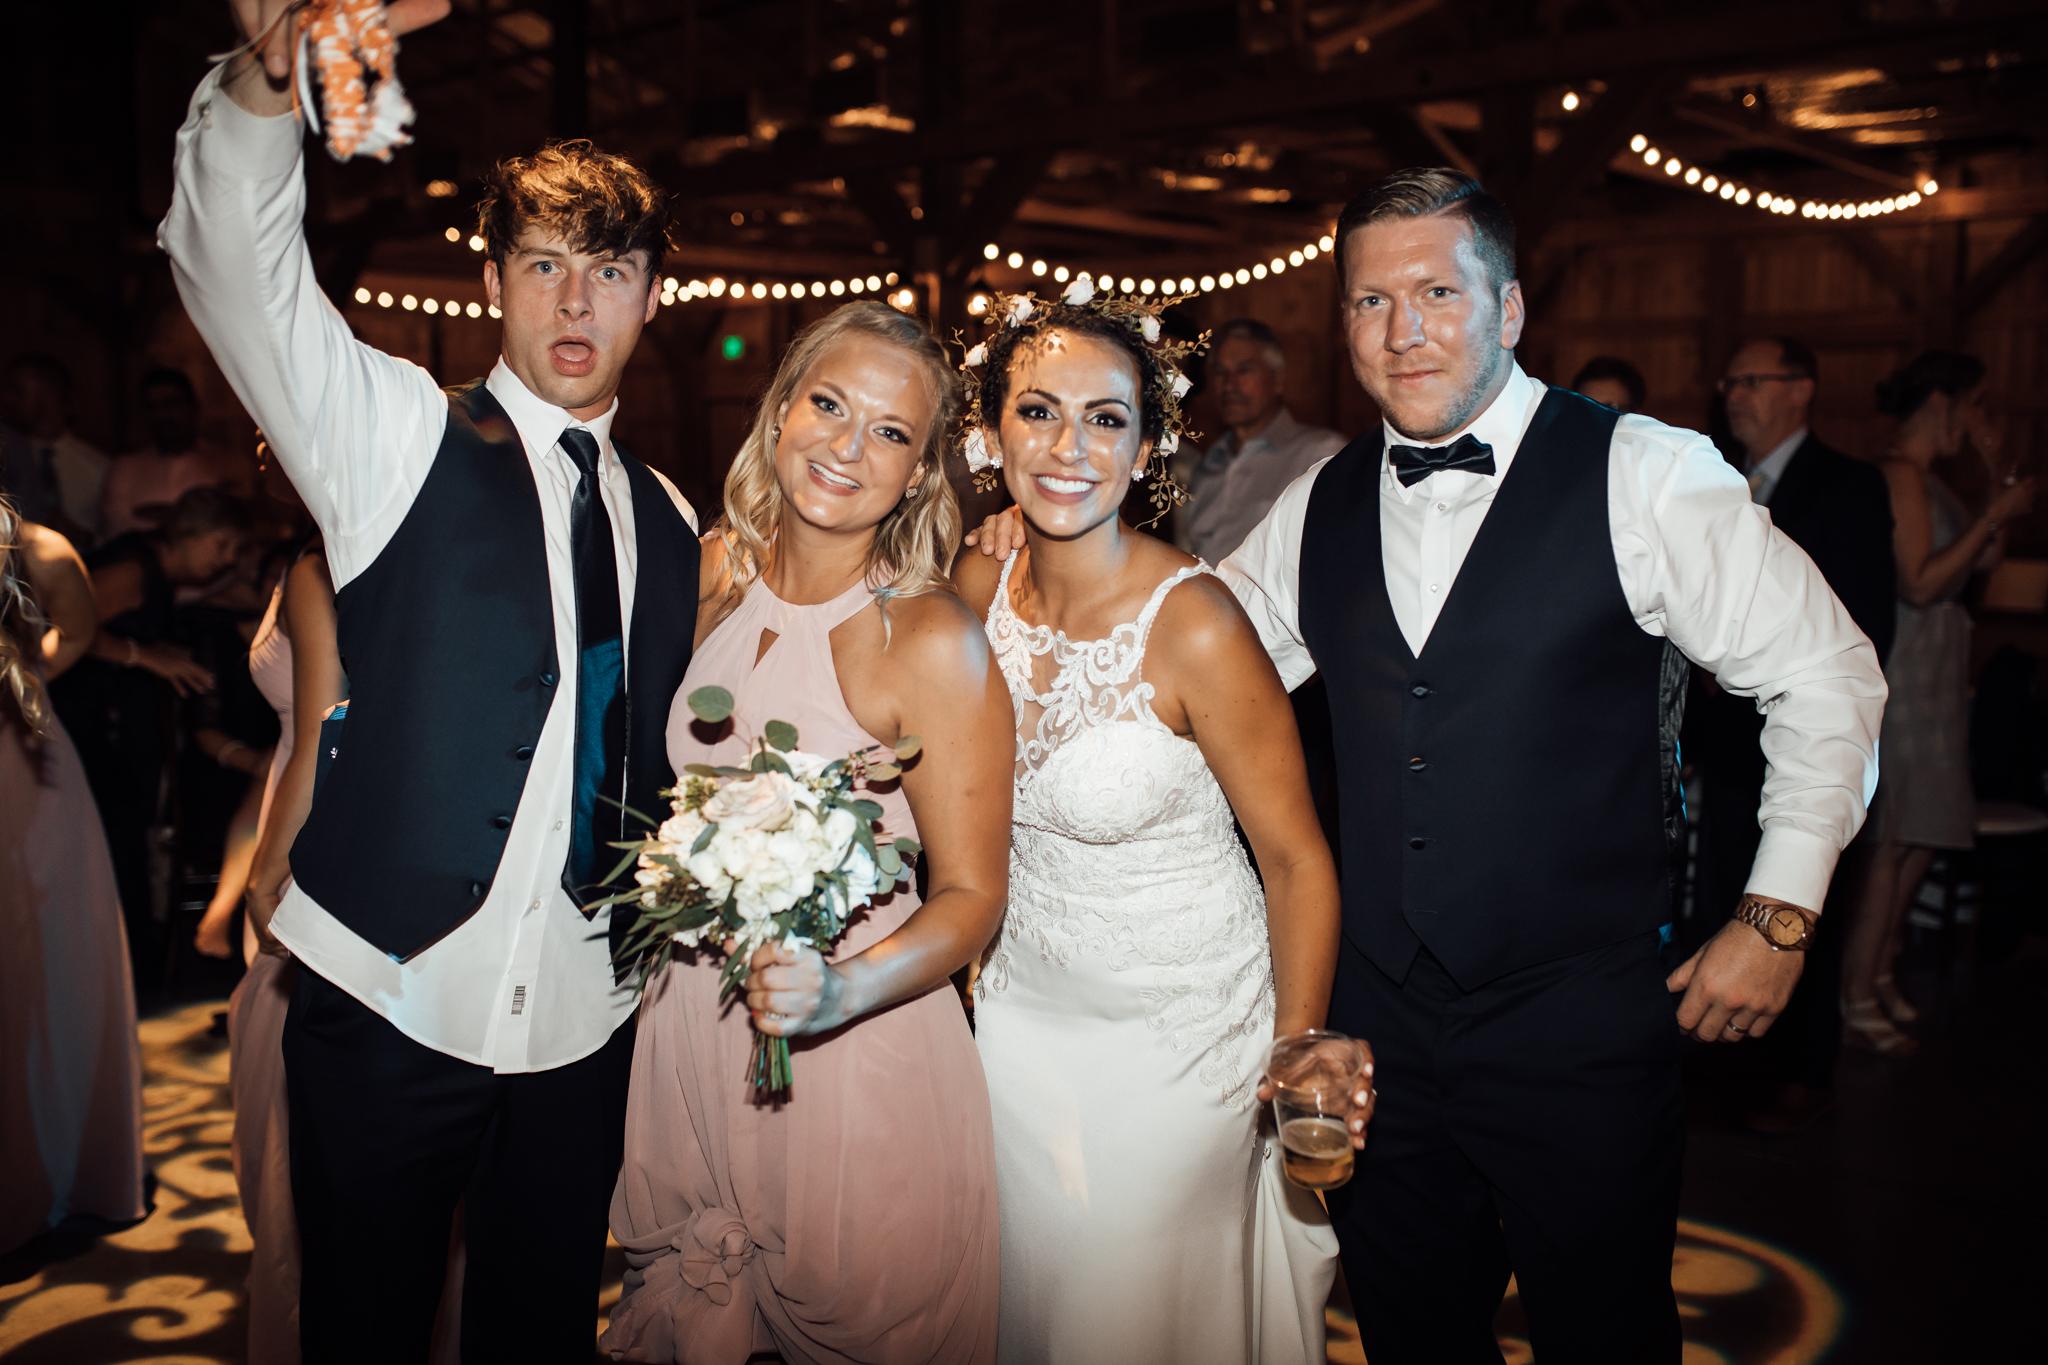 saddlewoodsfarms-nashville-wedding-photographer-thewarmtharoundyou-rustic-wedding (121 of 251).jpg